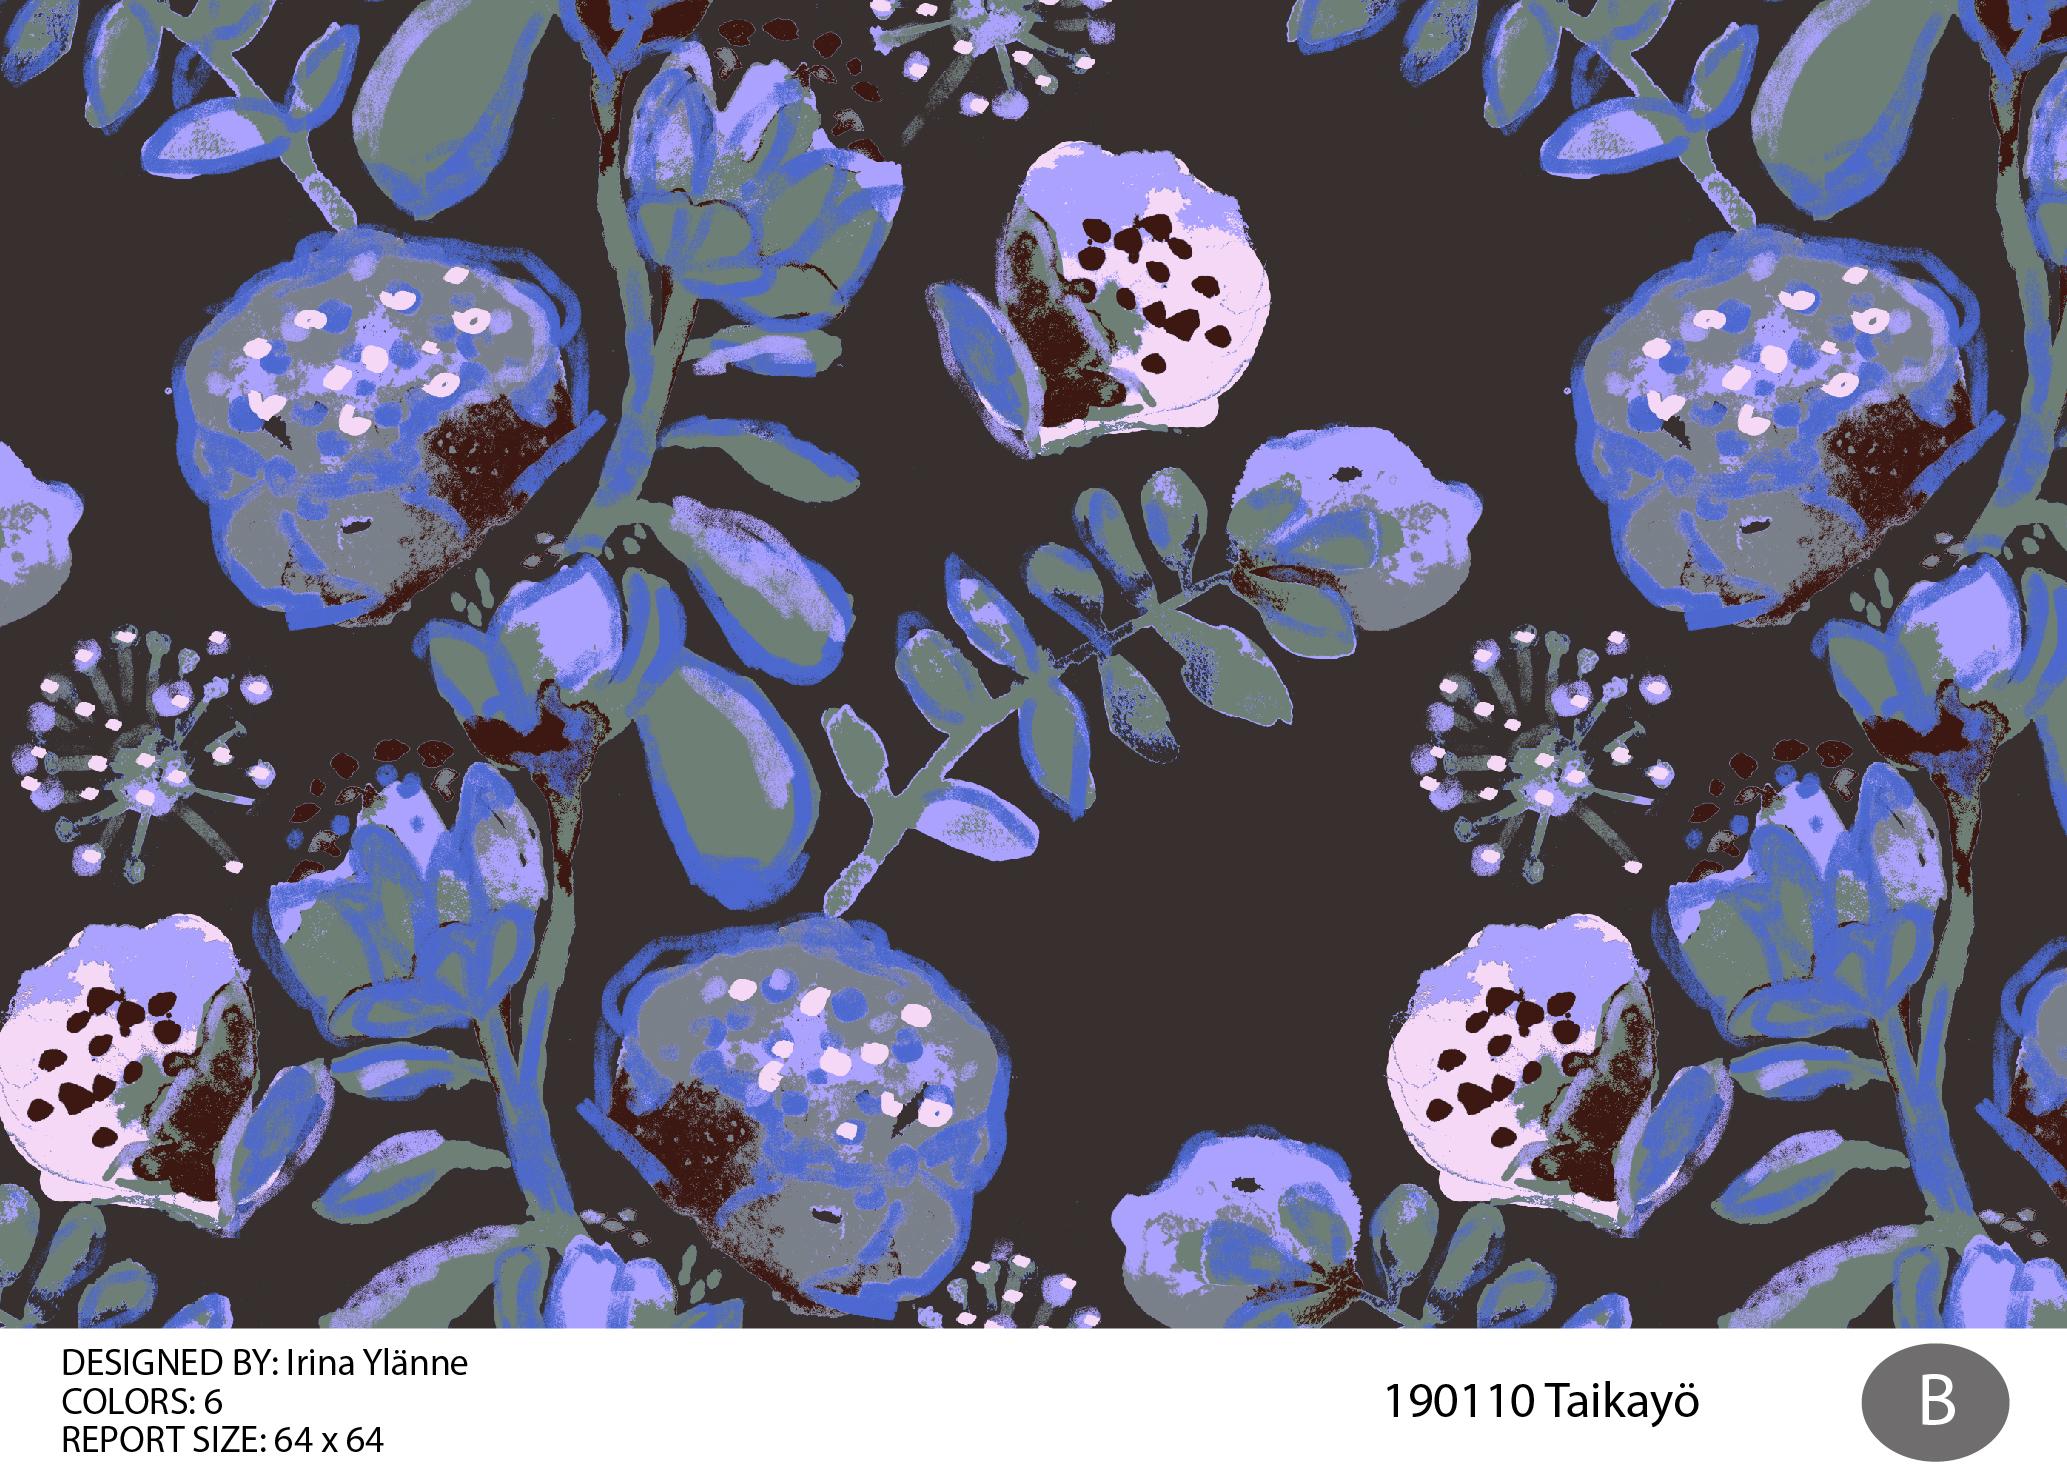 irinas_taikayo_190110-01